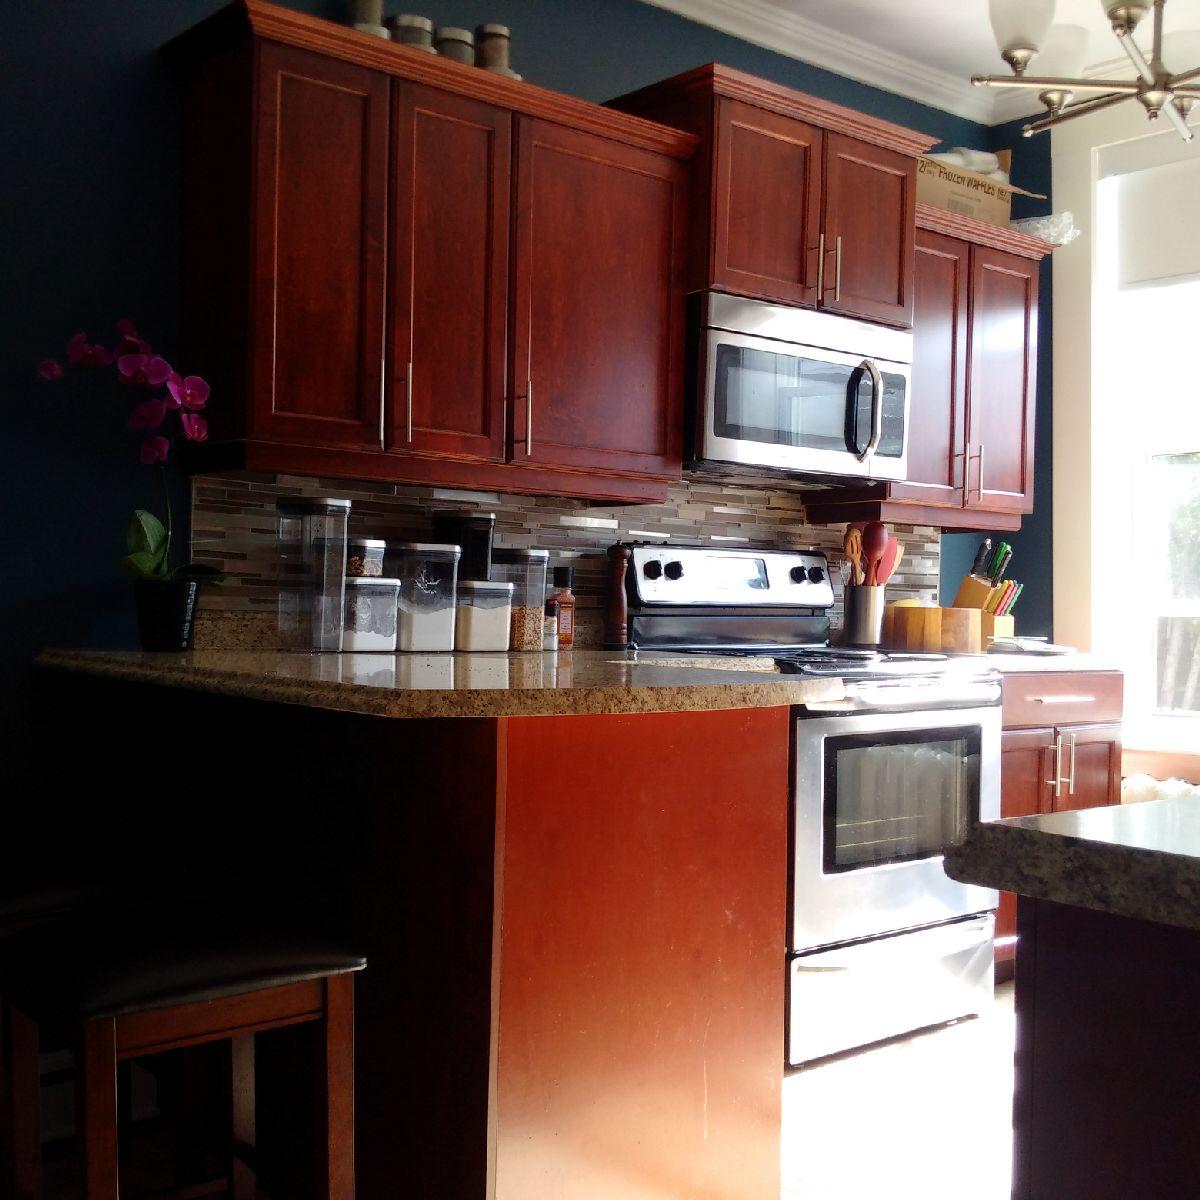 https://0201.nccdn.net/4_2/000/000/06b/a1b/64-elliott-d-kitchen--4-.jpg